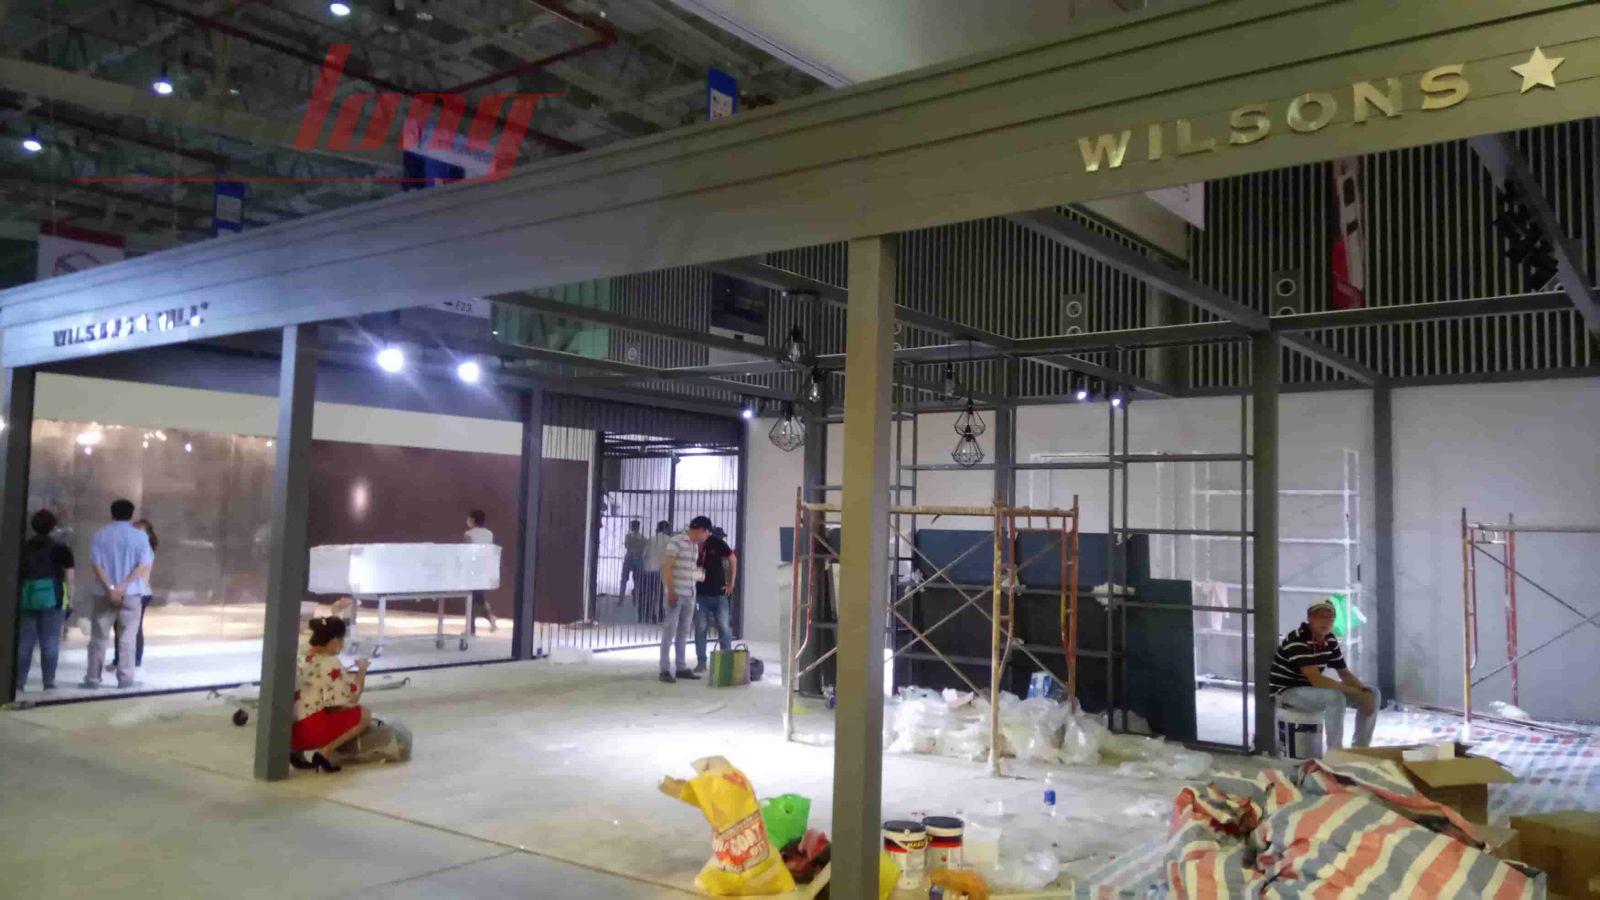 Một trong những gian hàng Triển lãm VIFA EXPO 2018 có kích thước lớn là WISONGS HILL